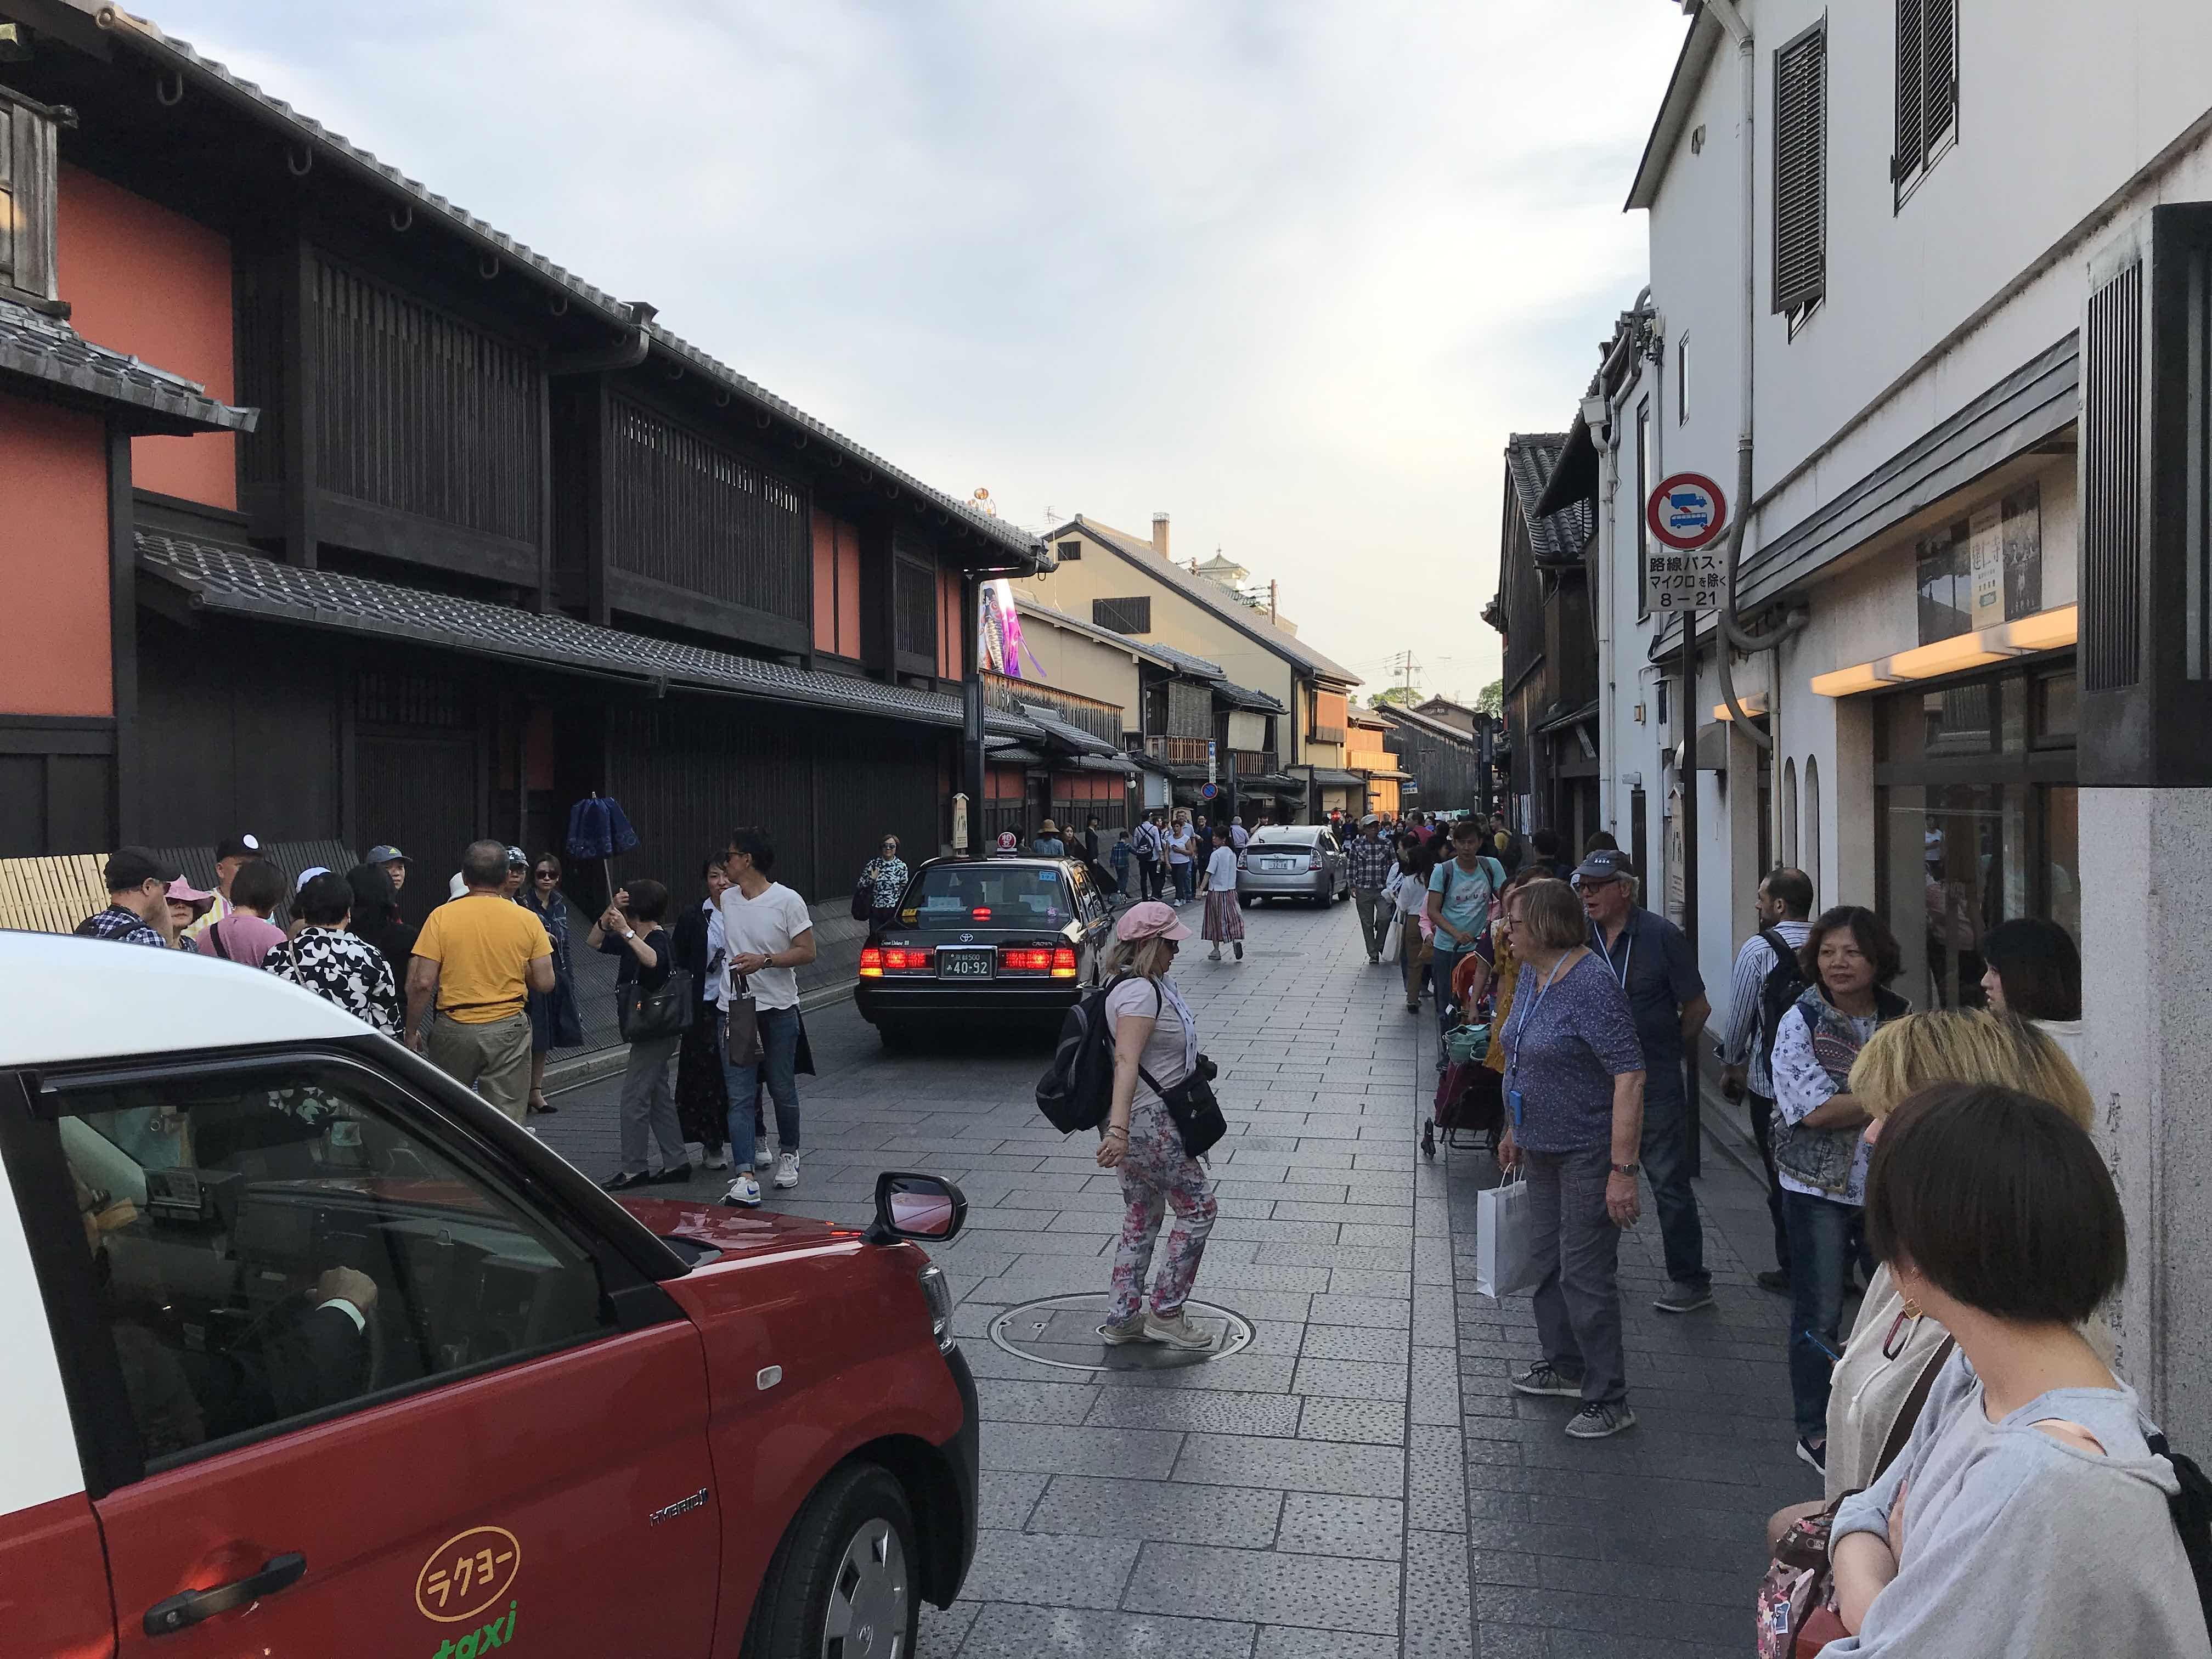 フェイスゴスペル京都ワークショップ後に観光。祇園の写真